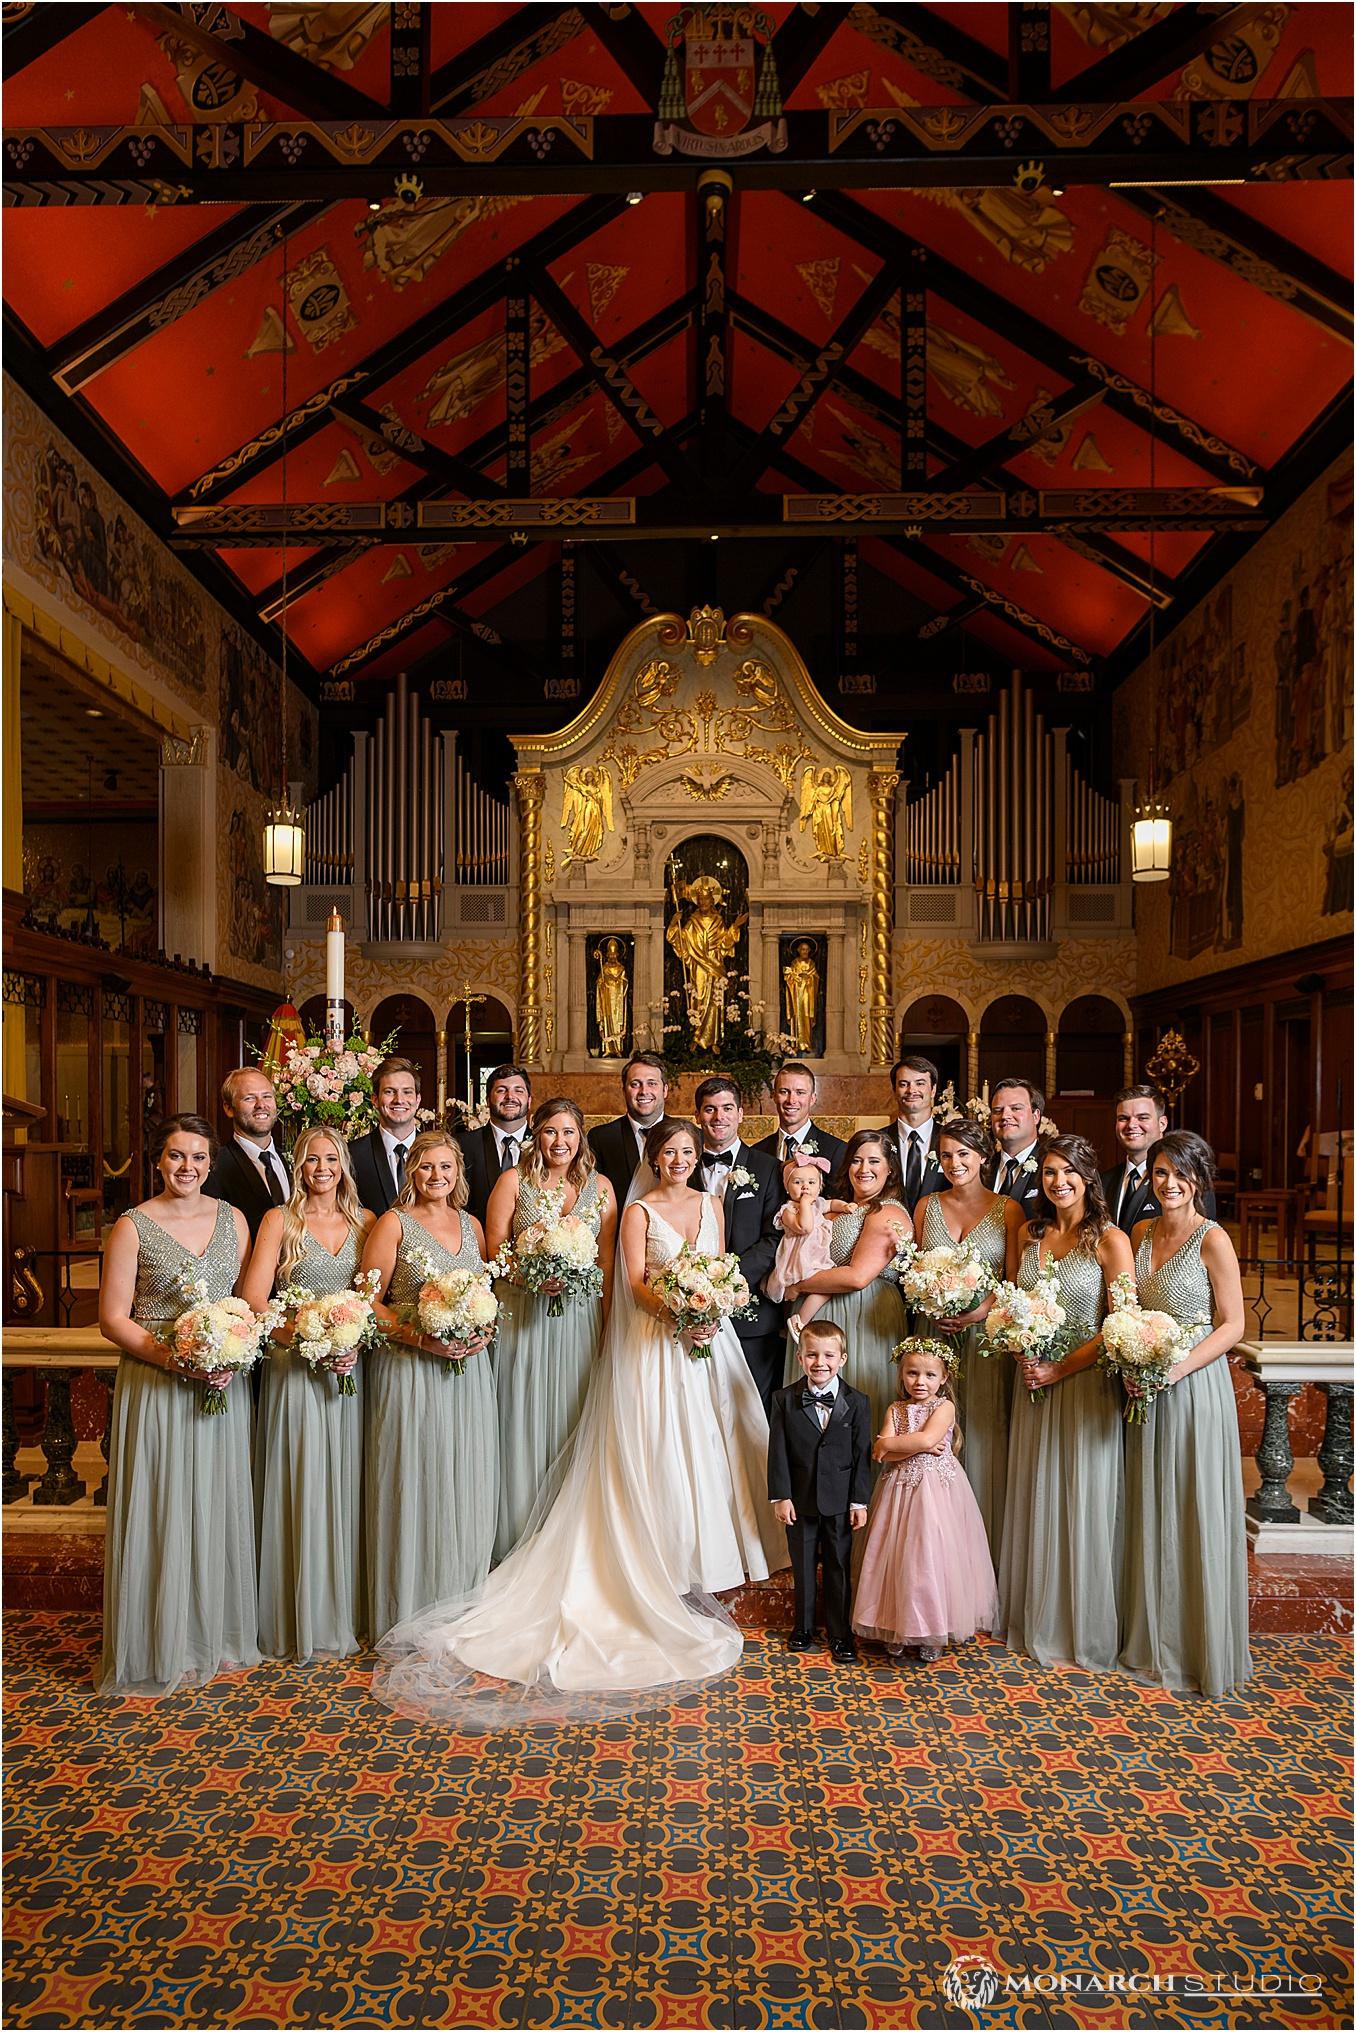 Wedding-PHotographer-in-st-augustine-2019-054.jpg